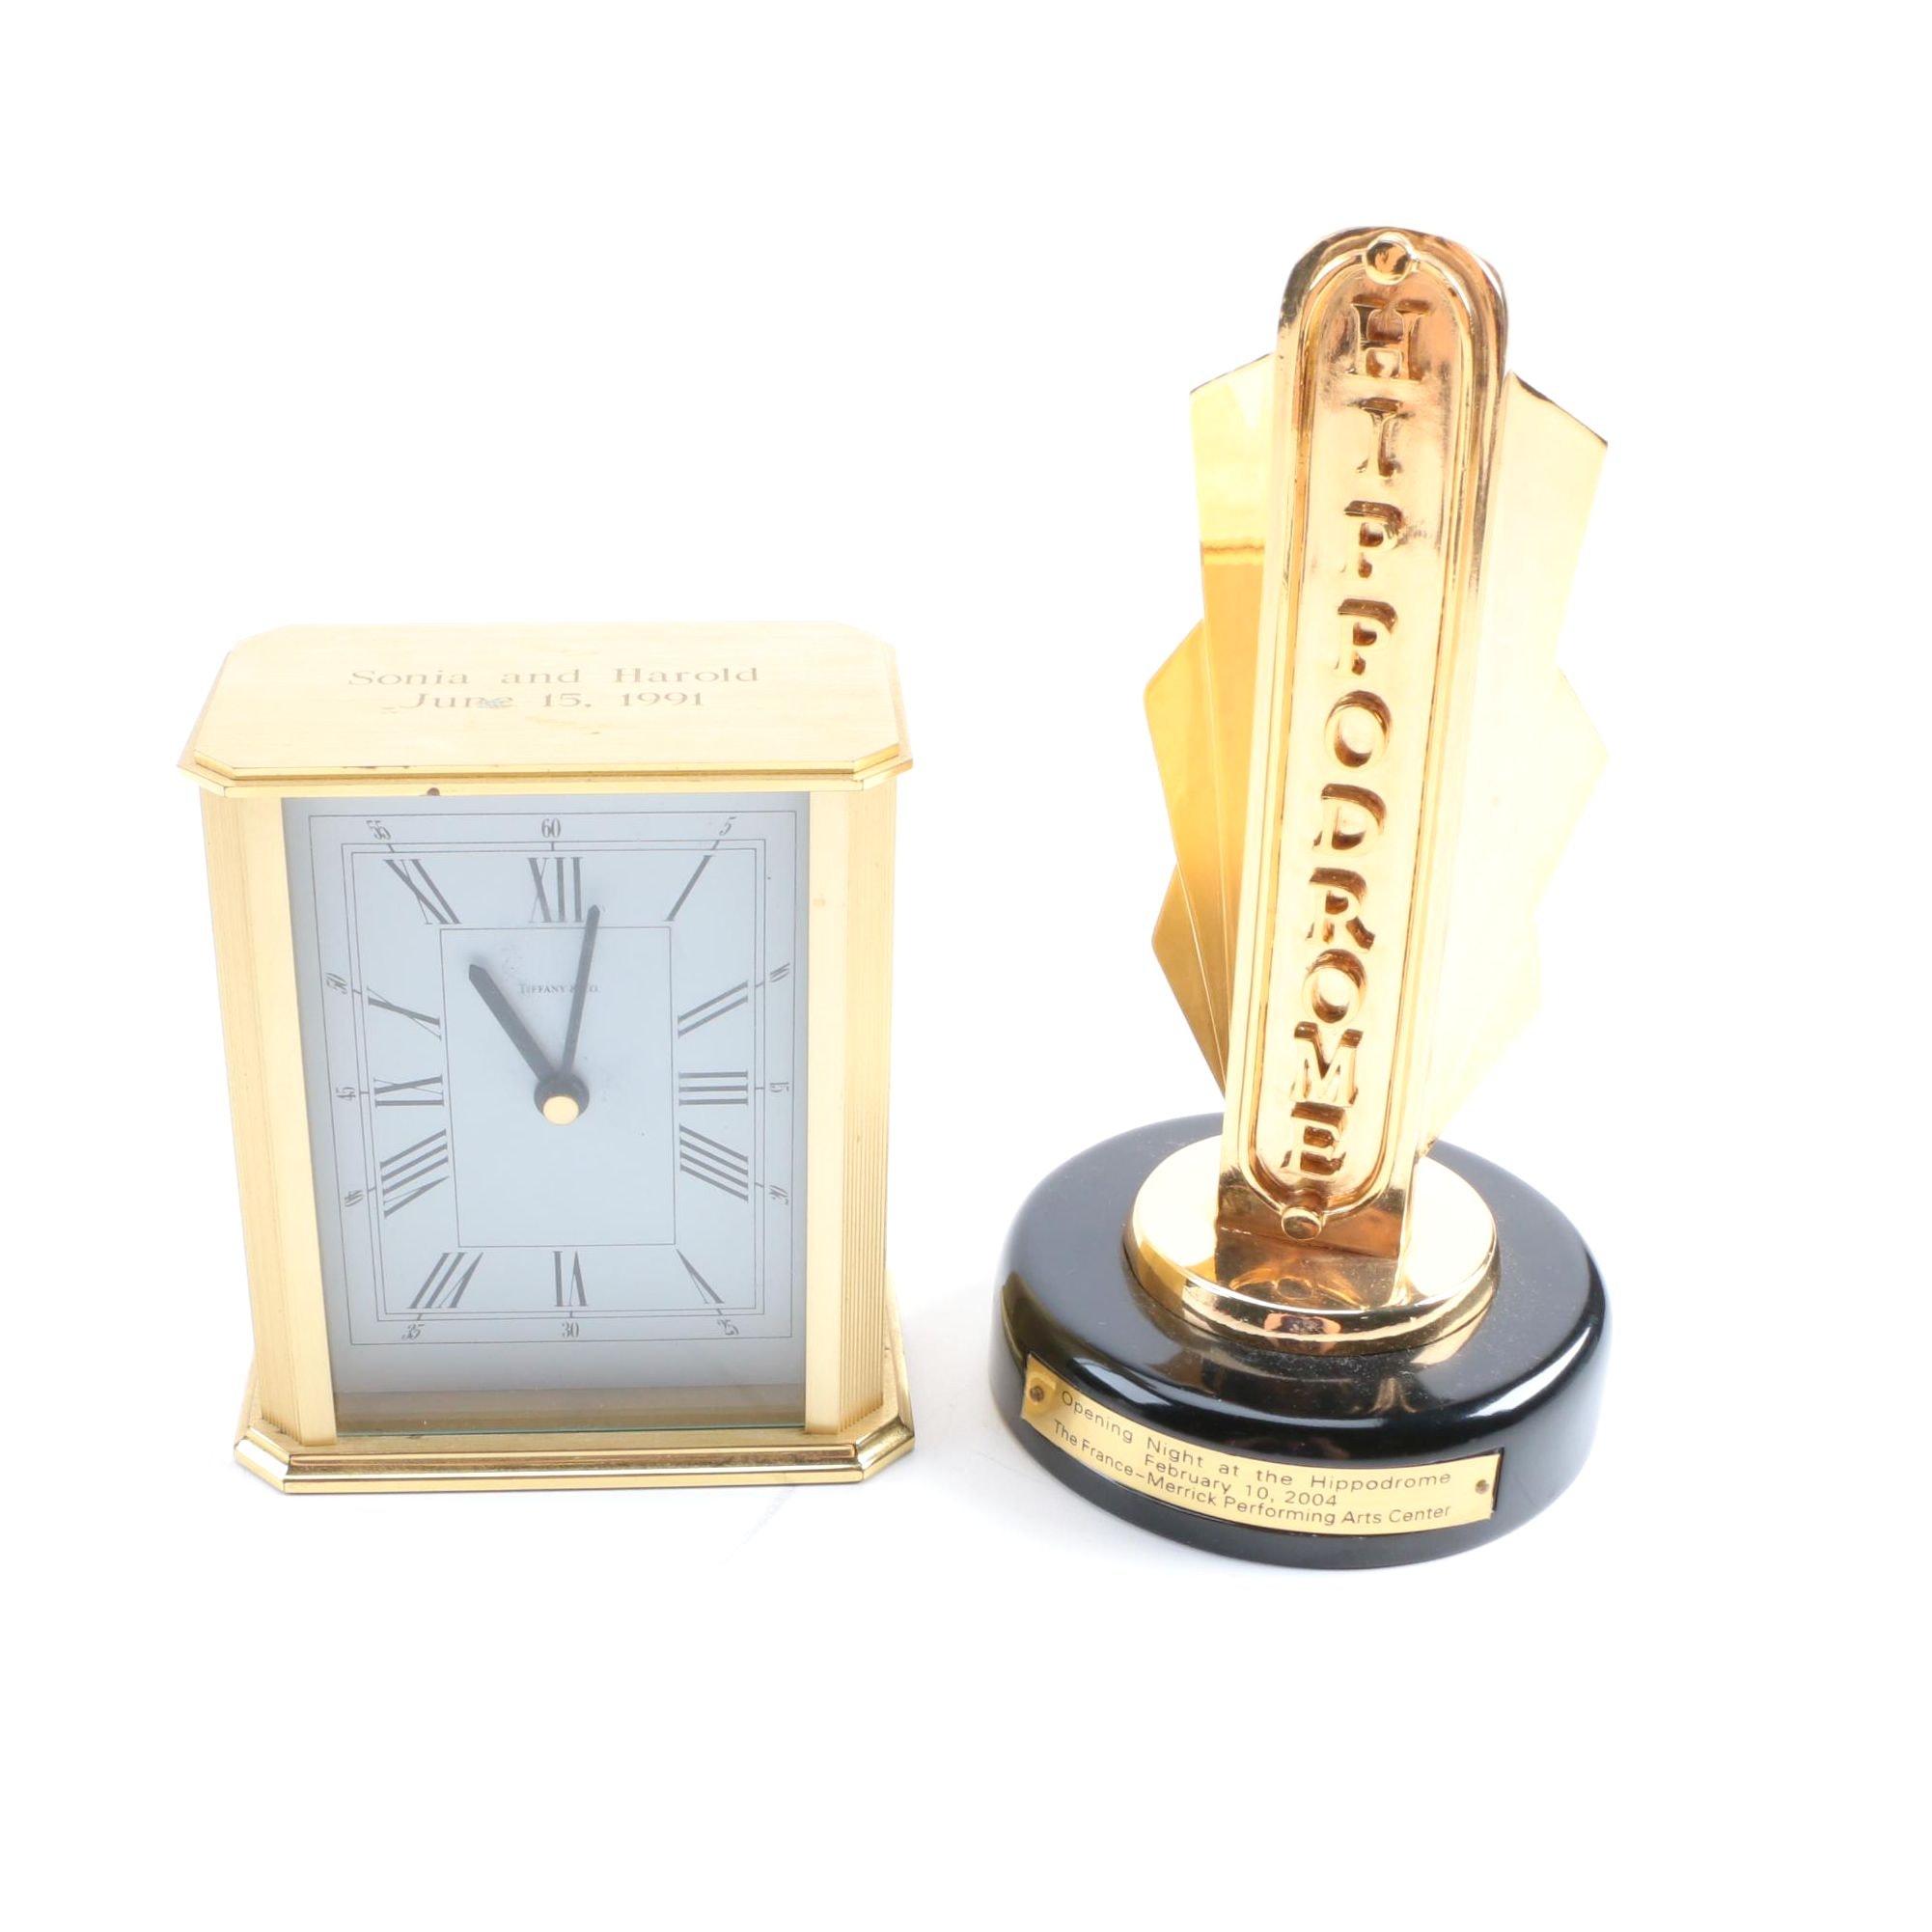 Tiffany & Co. Desk Clock and More